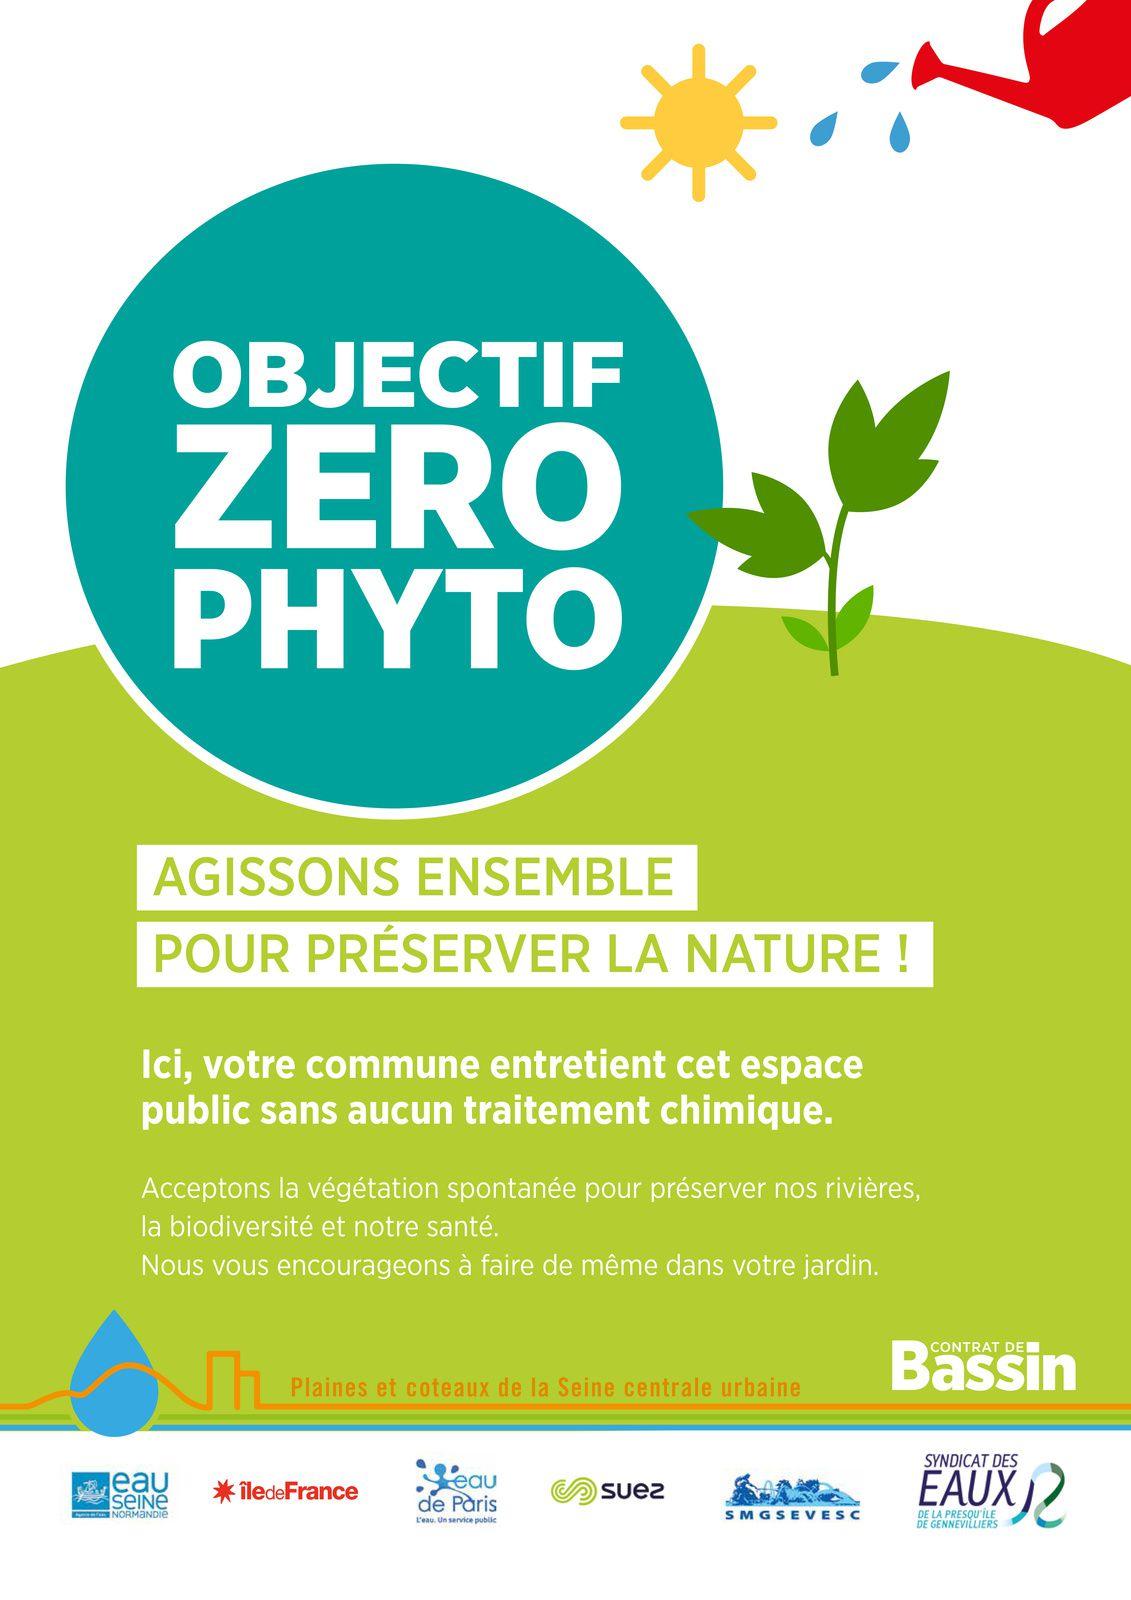 Adhésion de Colombes à la charte &quot&#x3B;Objectif Zéro Phyto en Seine Centrale Urbaine&quot&#x3B;